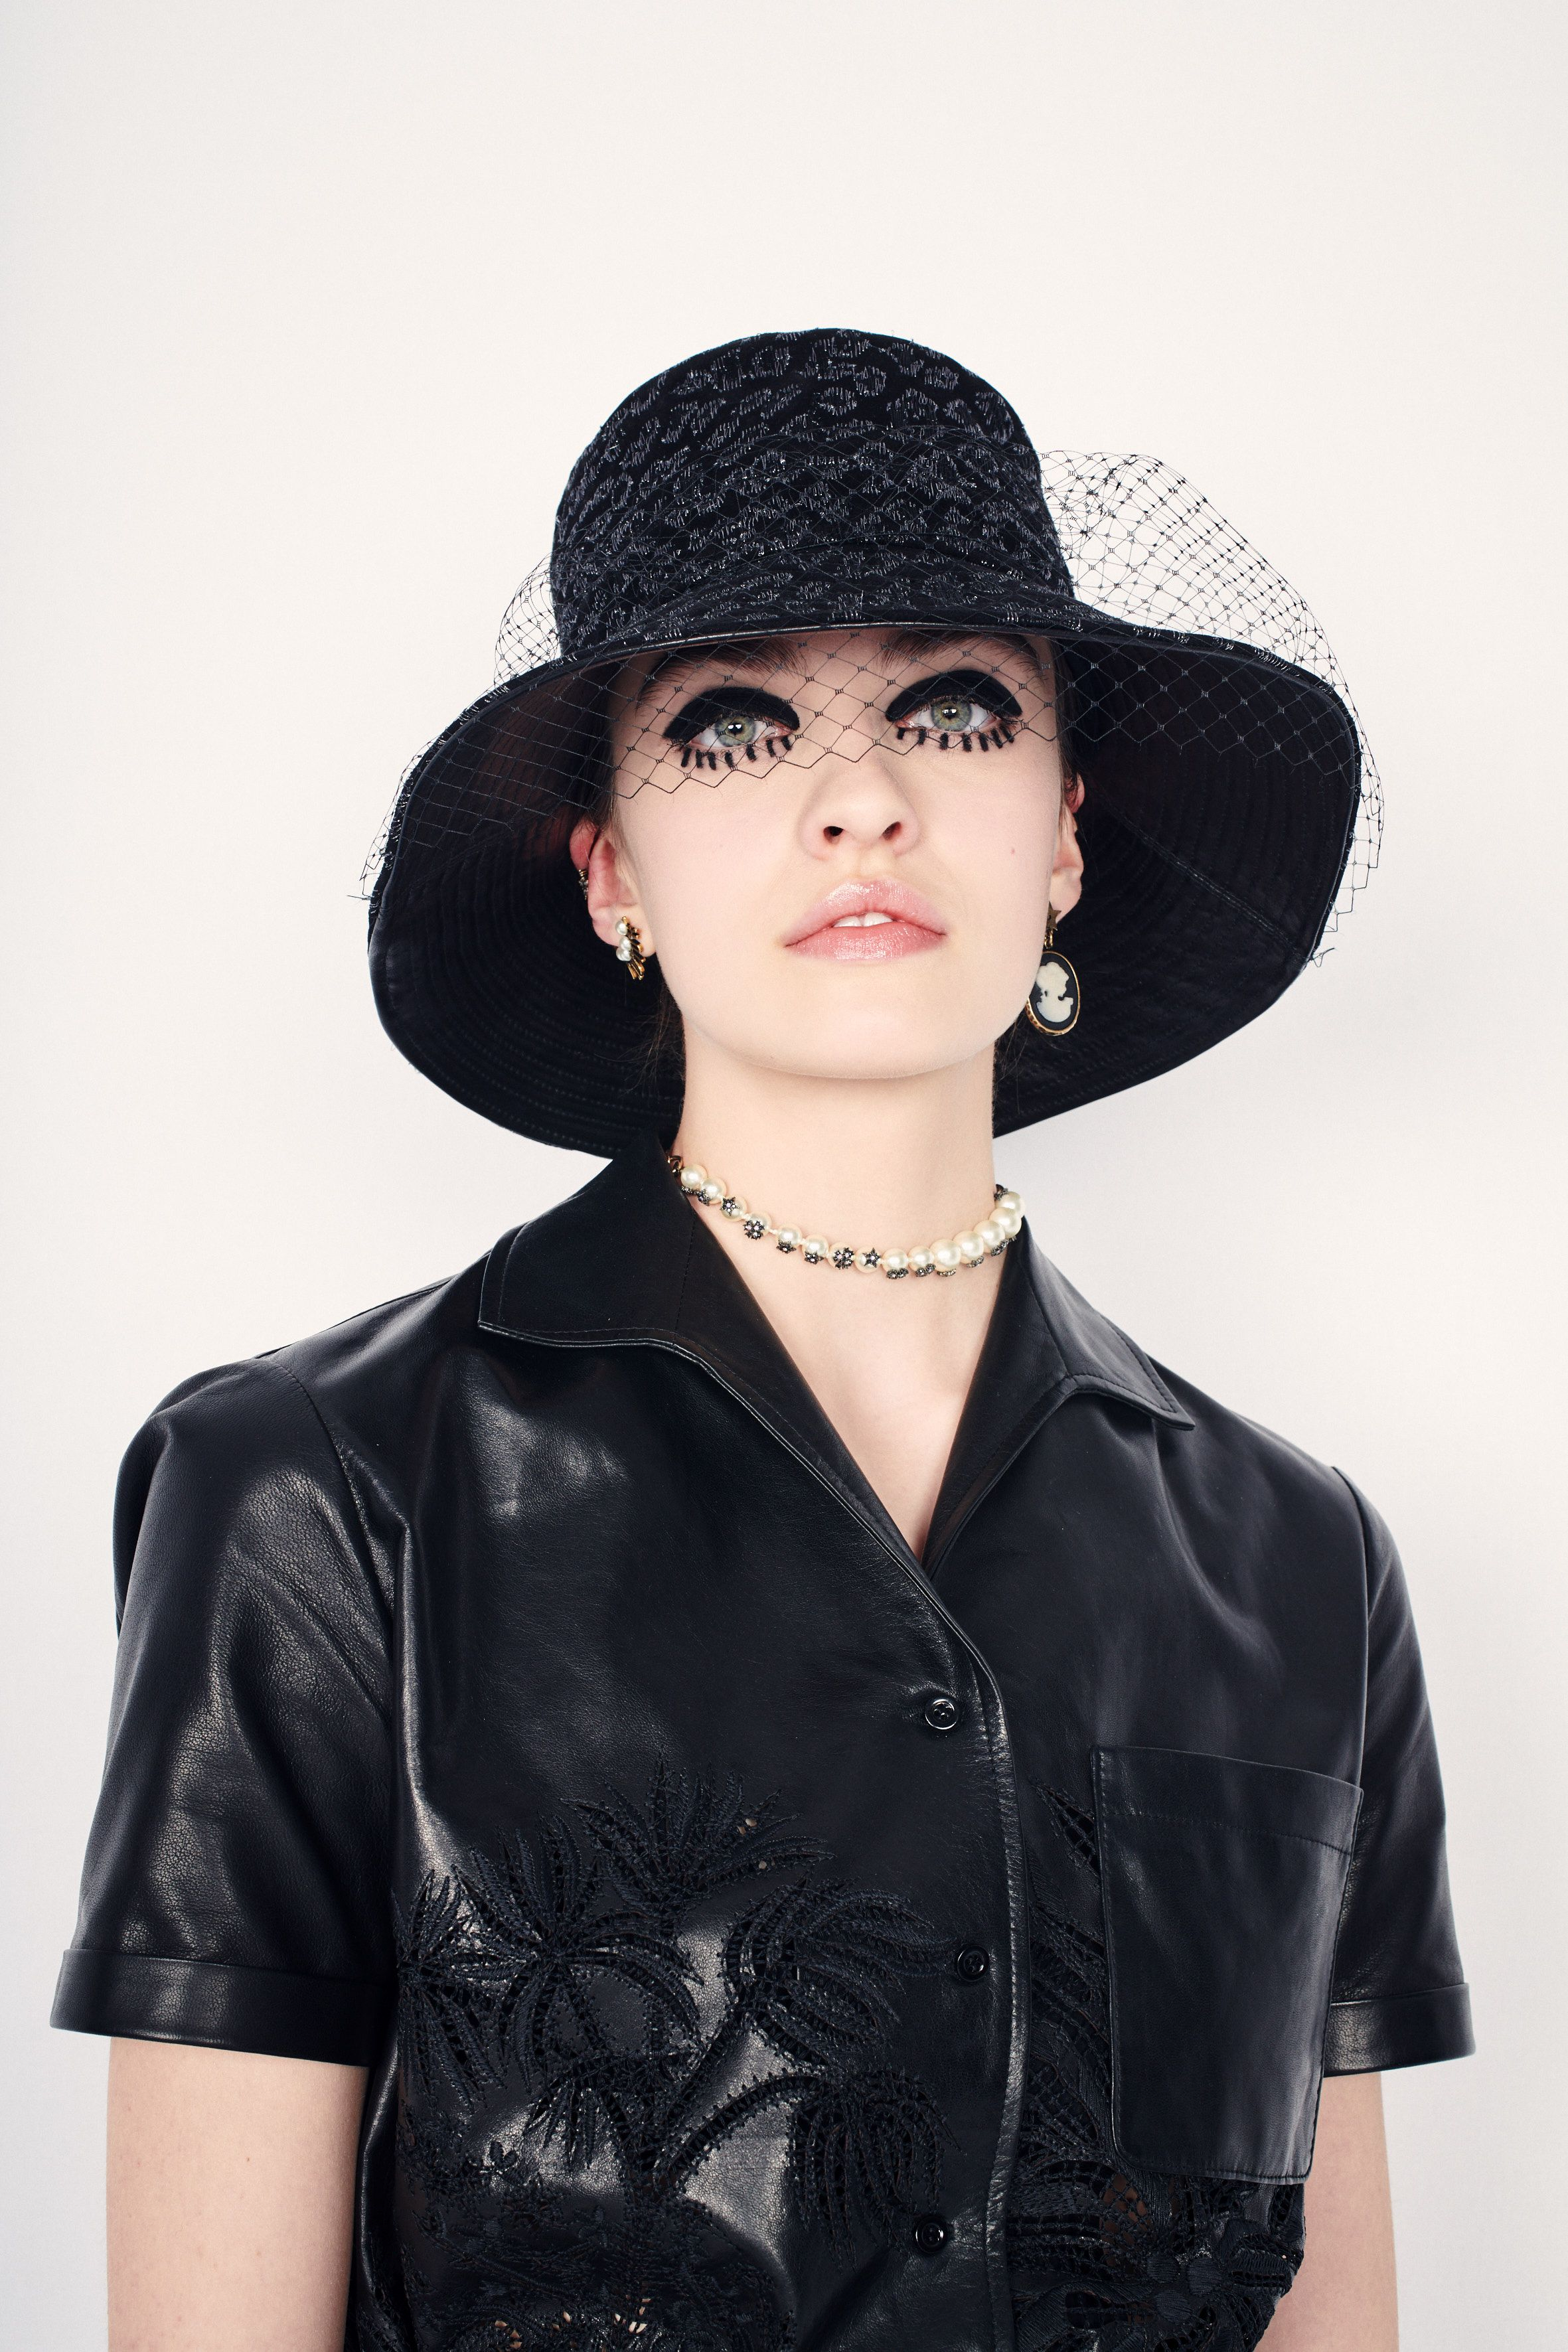 E indosseremo bucket hat come in un film sulla subcultura inglese